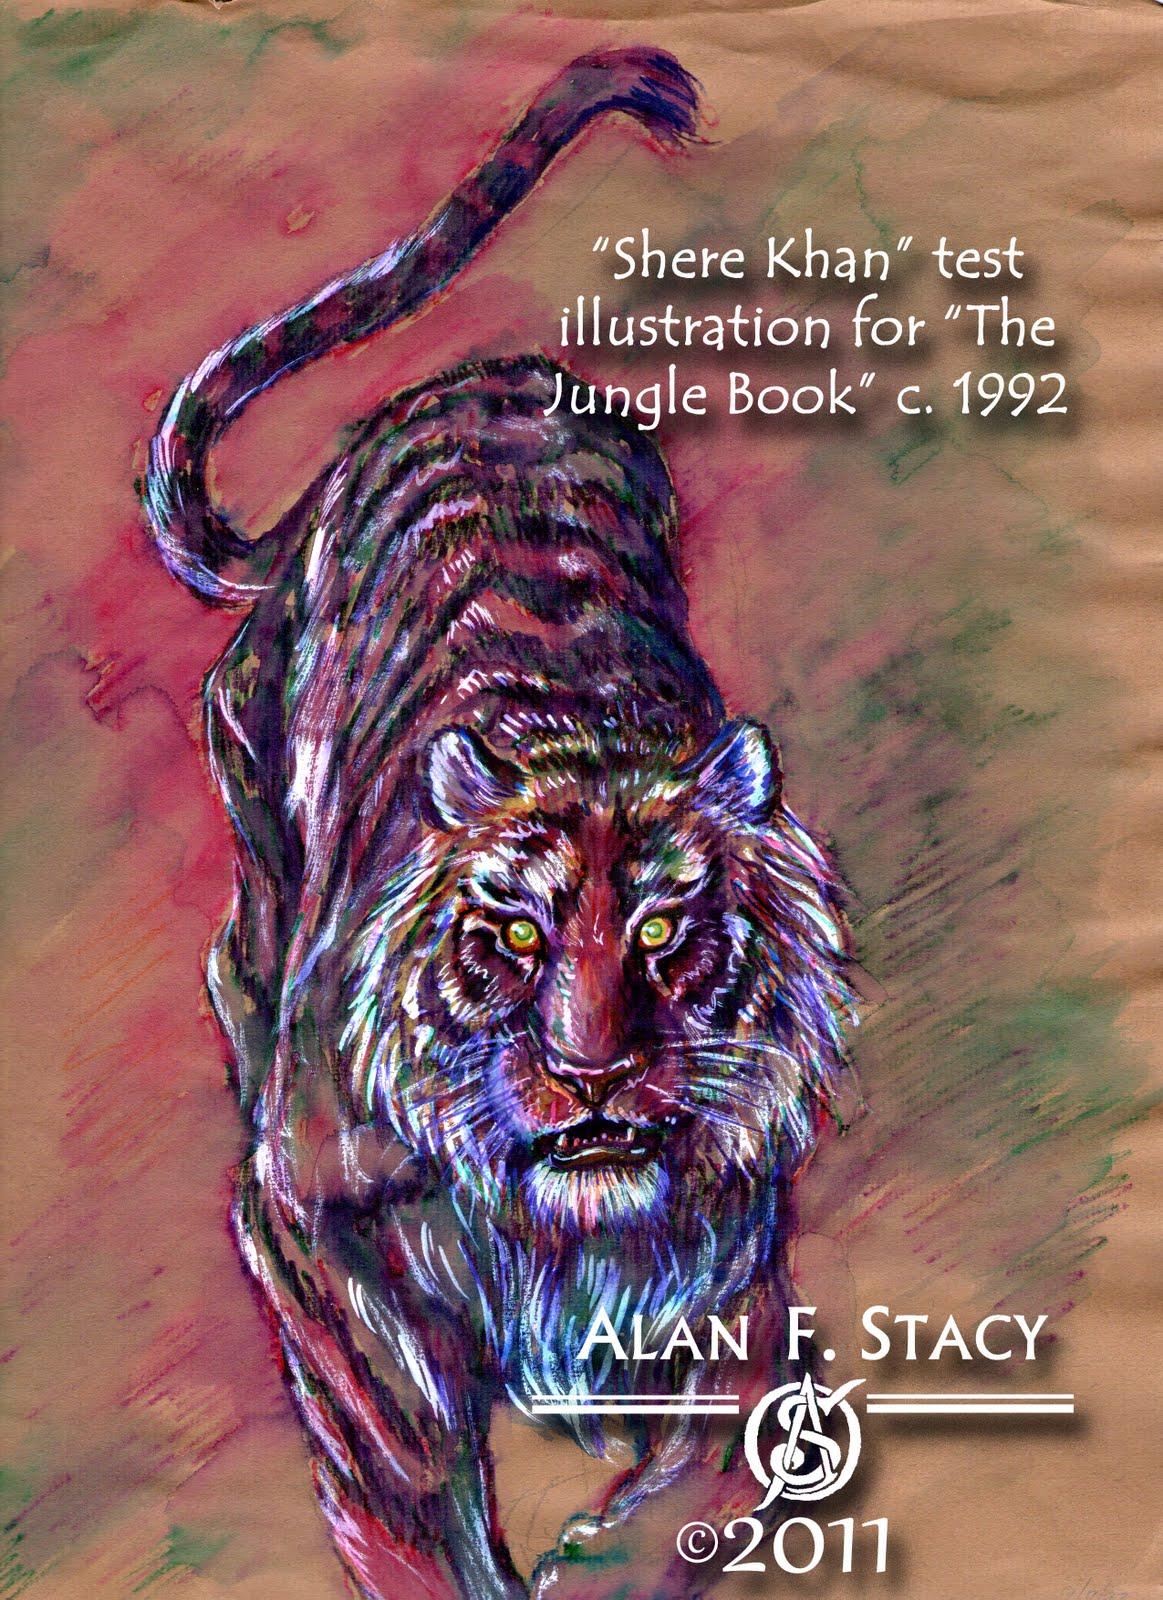 http://2.bp.blogspot.com/-aY1WcFoAwMI/TihTqj01BpI/AAAAAAAAADU/E845m7fFChU/s1600/Shere+Khan+1992.jpg